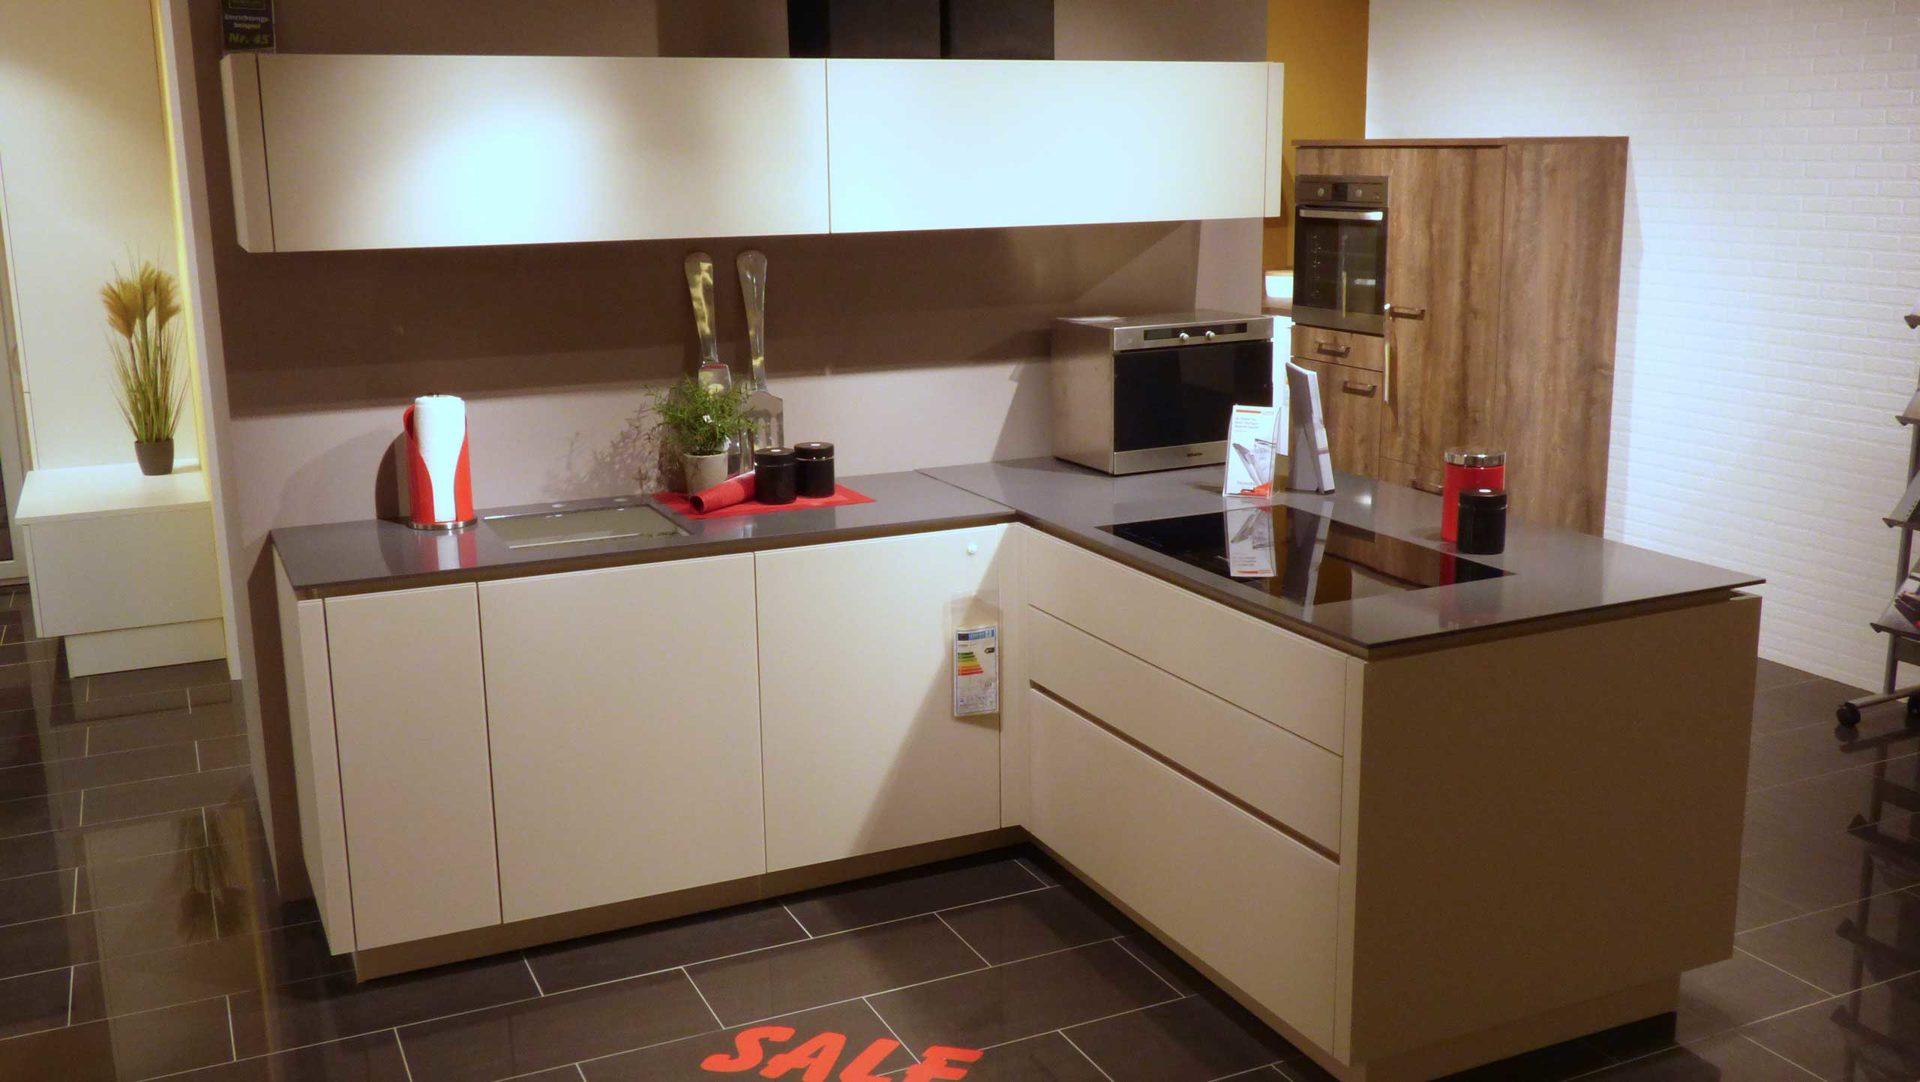 Ungewöhnlich Küchenfirma Speicher Fotos - Küchen Design Ideen ...